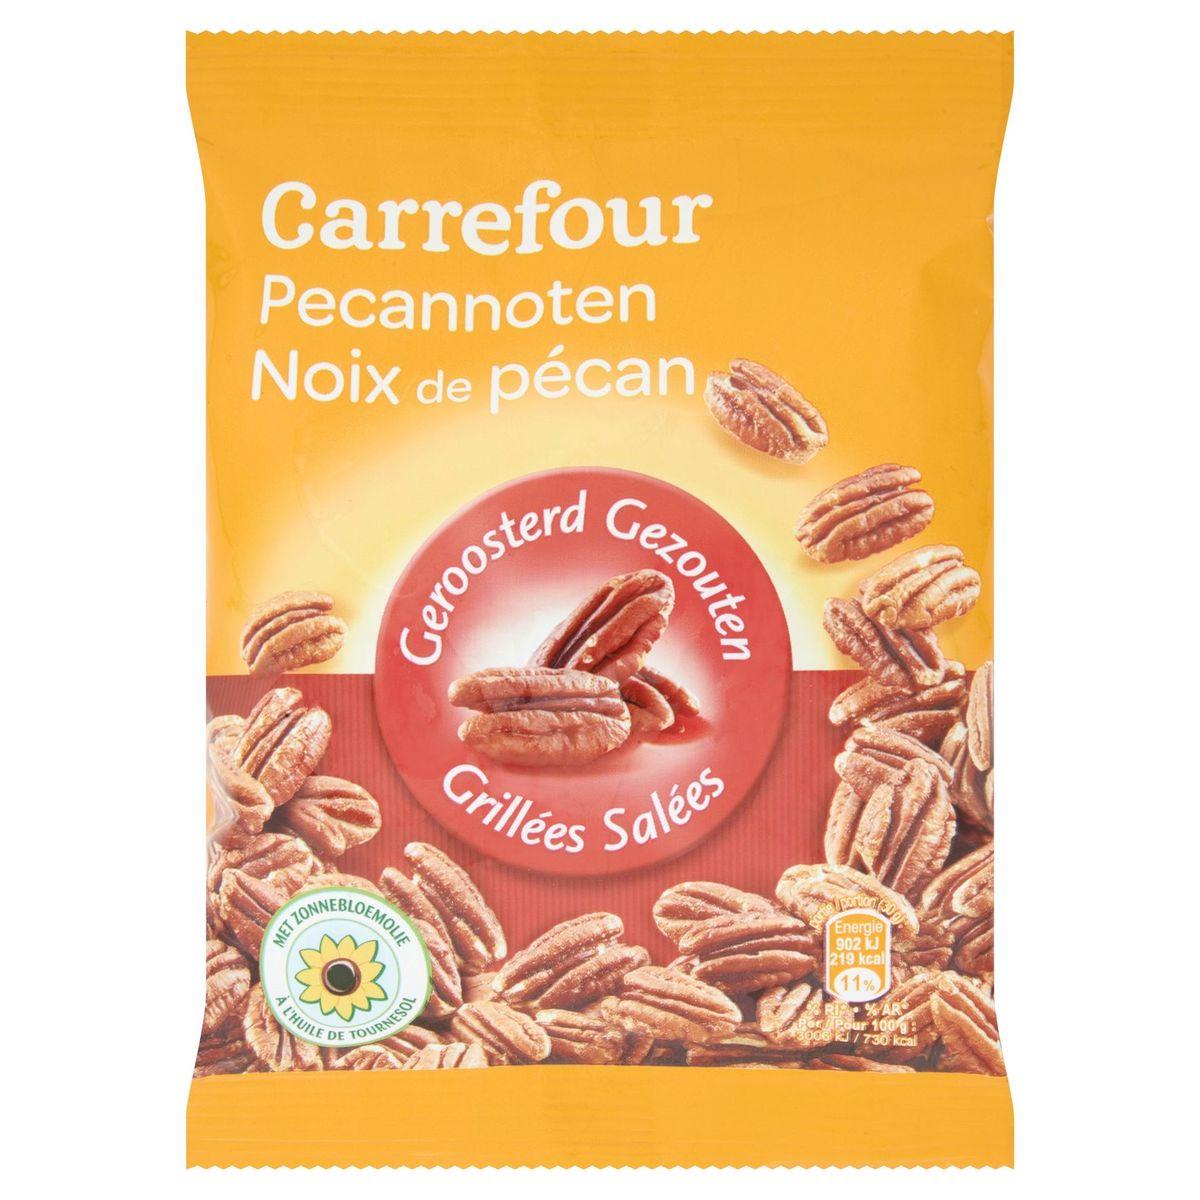 Carrefour Noix de Pécan Grillées Salées 100 g